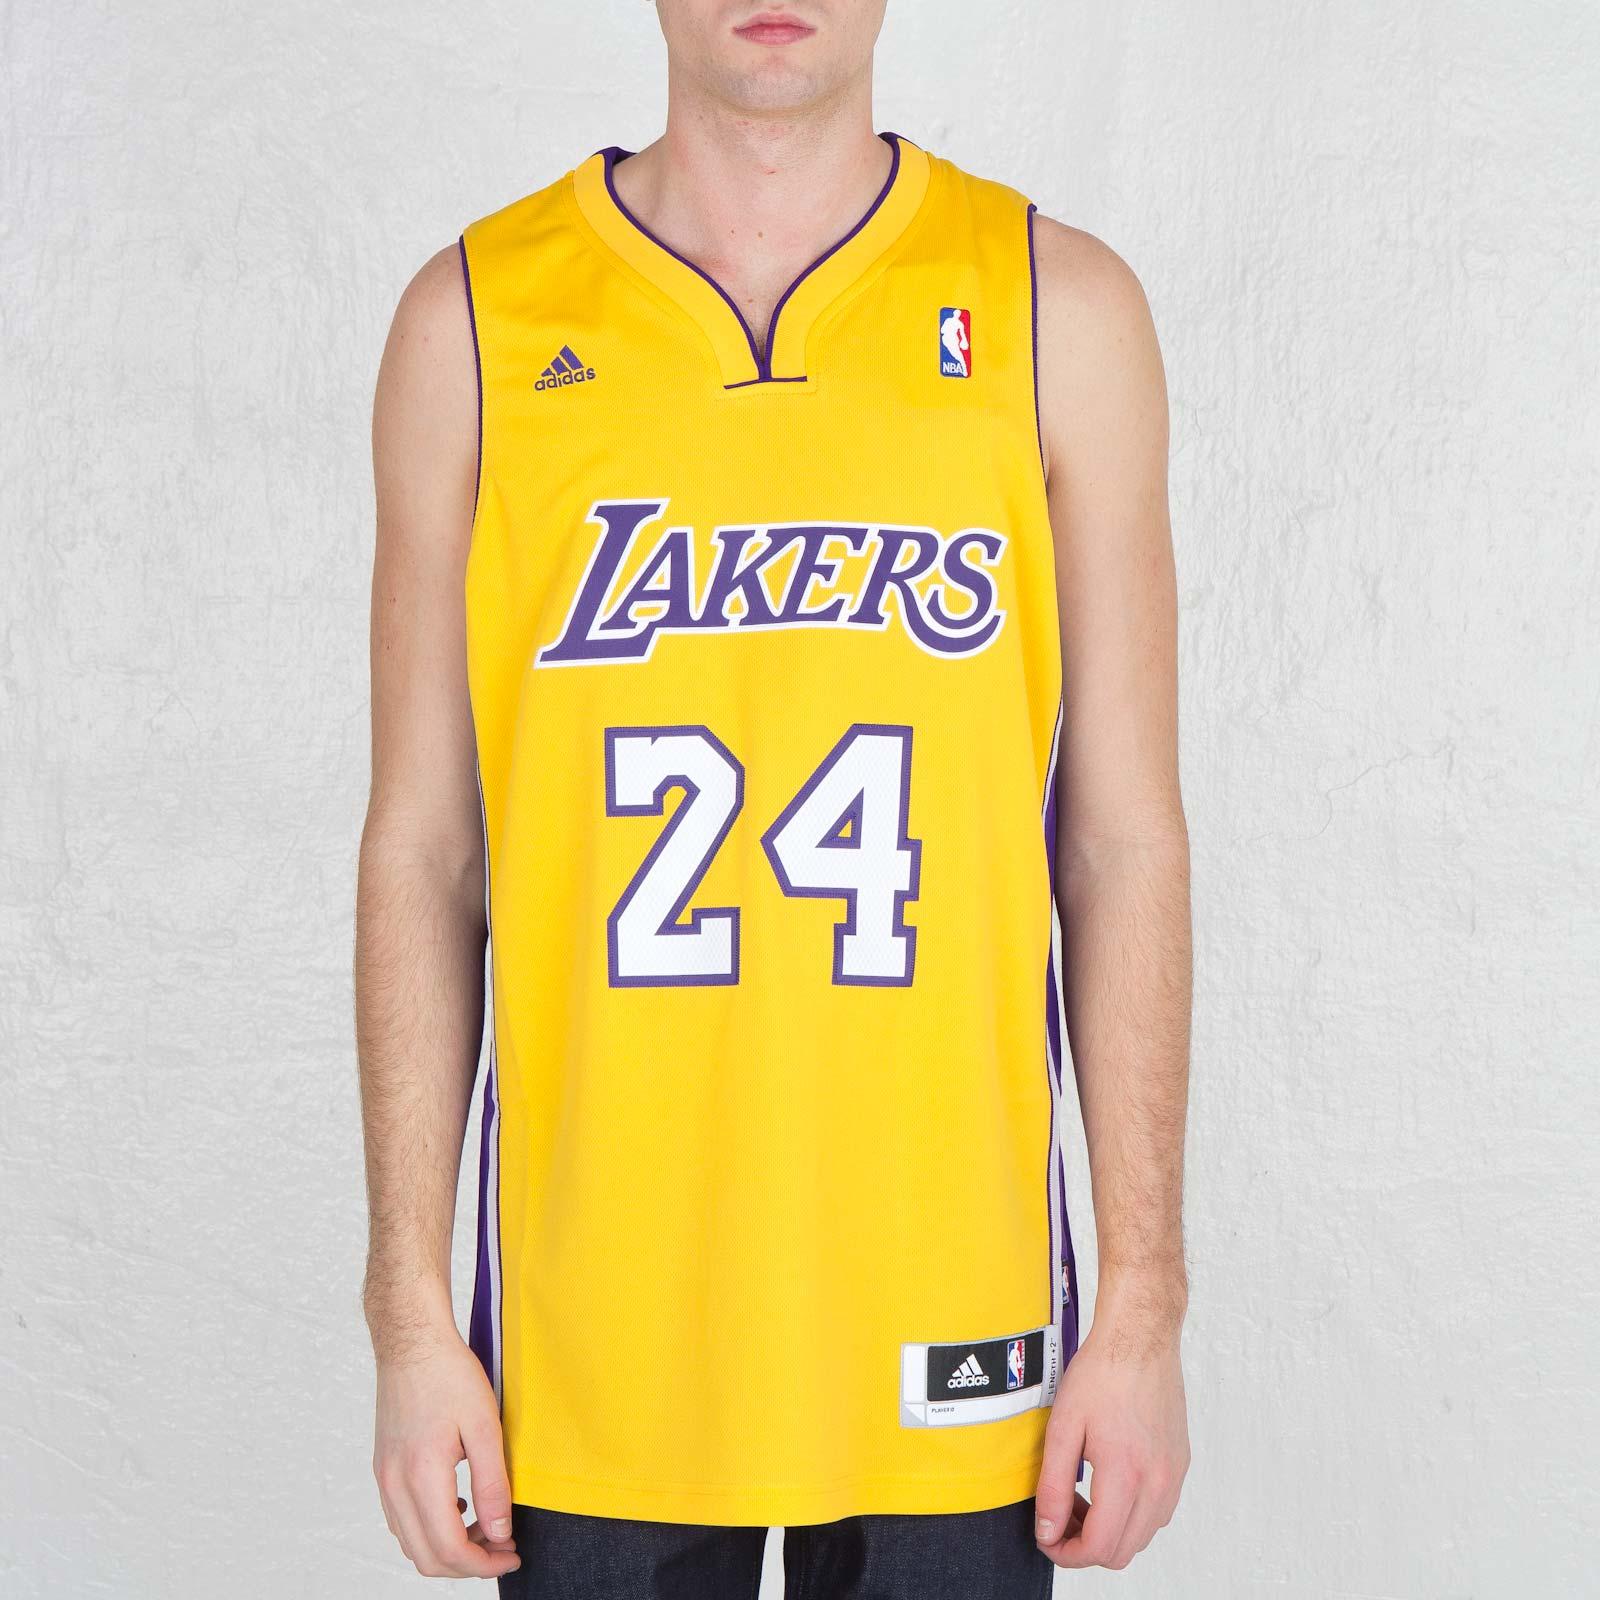 adidas NBA LA Lakers Jersey - L68566 - SNS | sneakers & streetwear ...